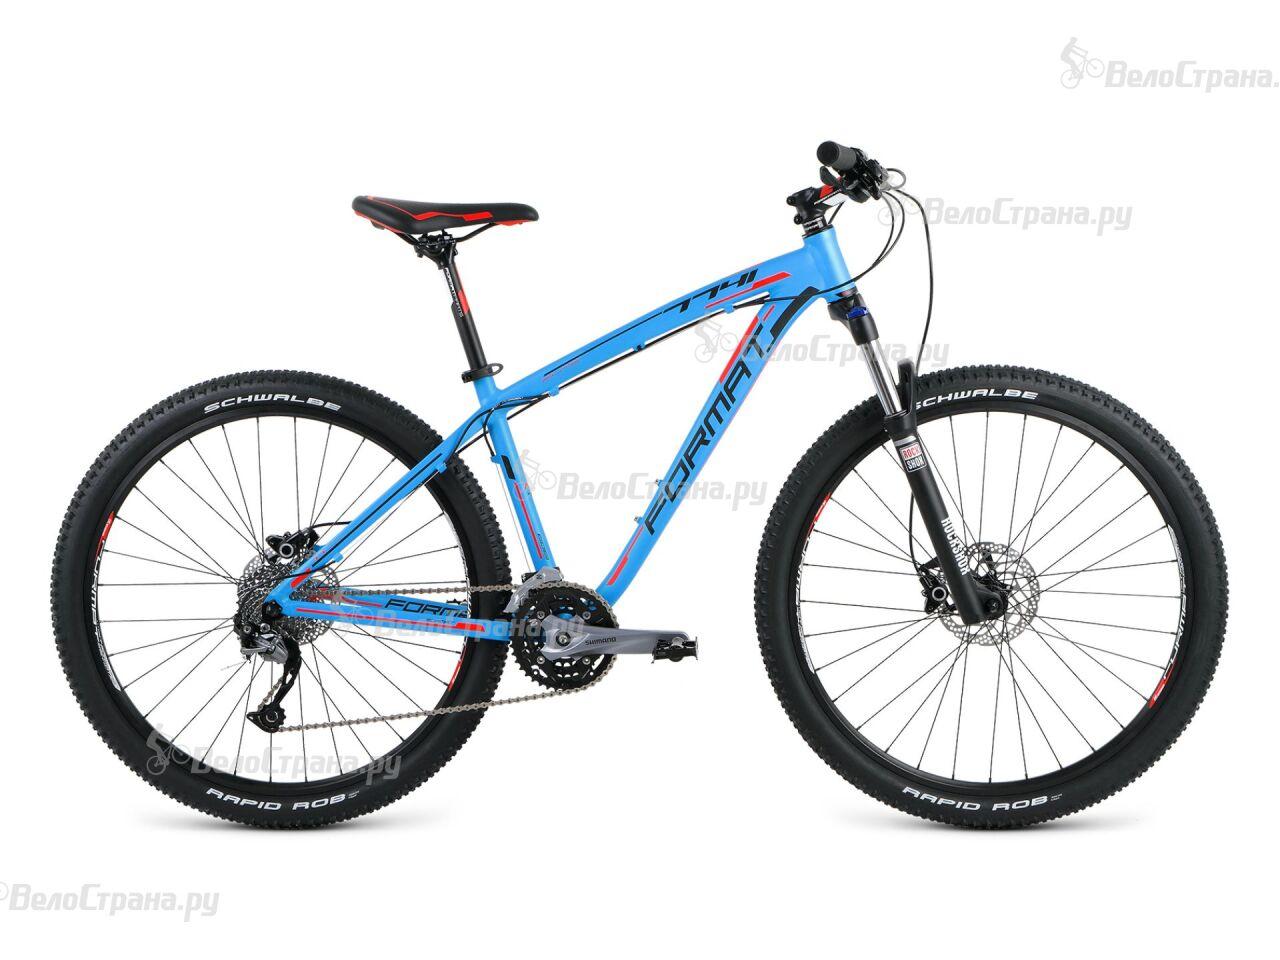 Велосипед Format 7741 Elite (2016) горный велосипед gt avalanche elite 27 5